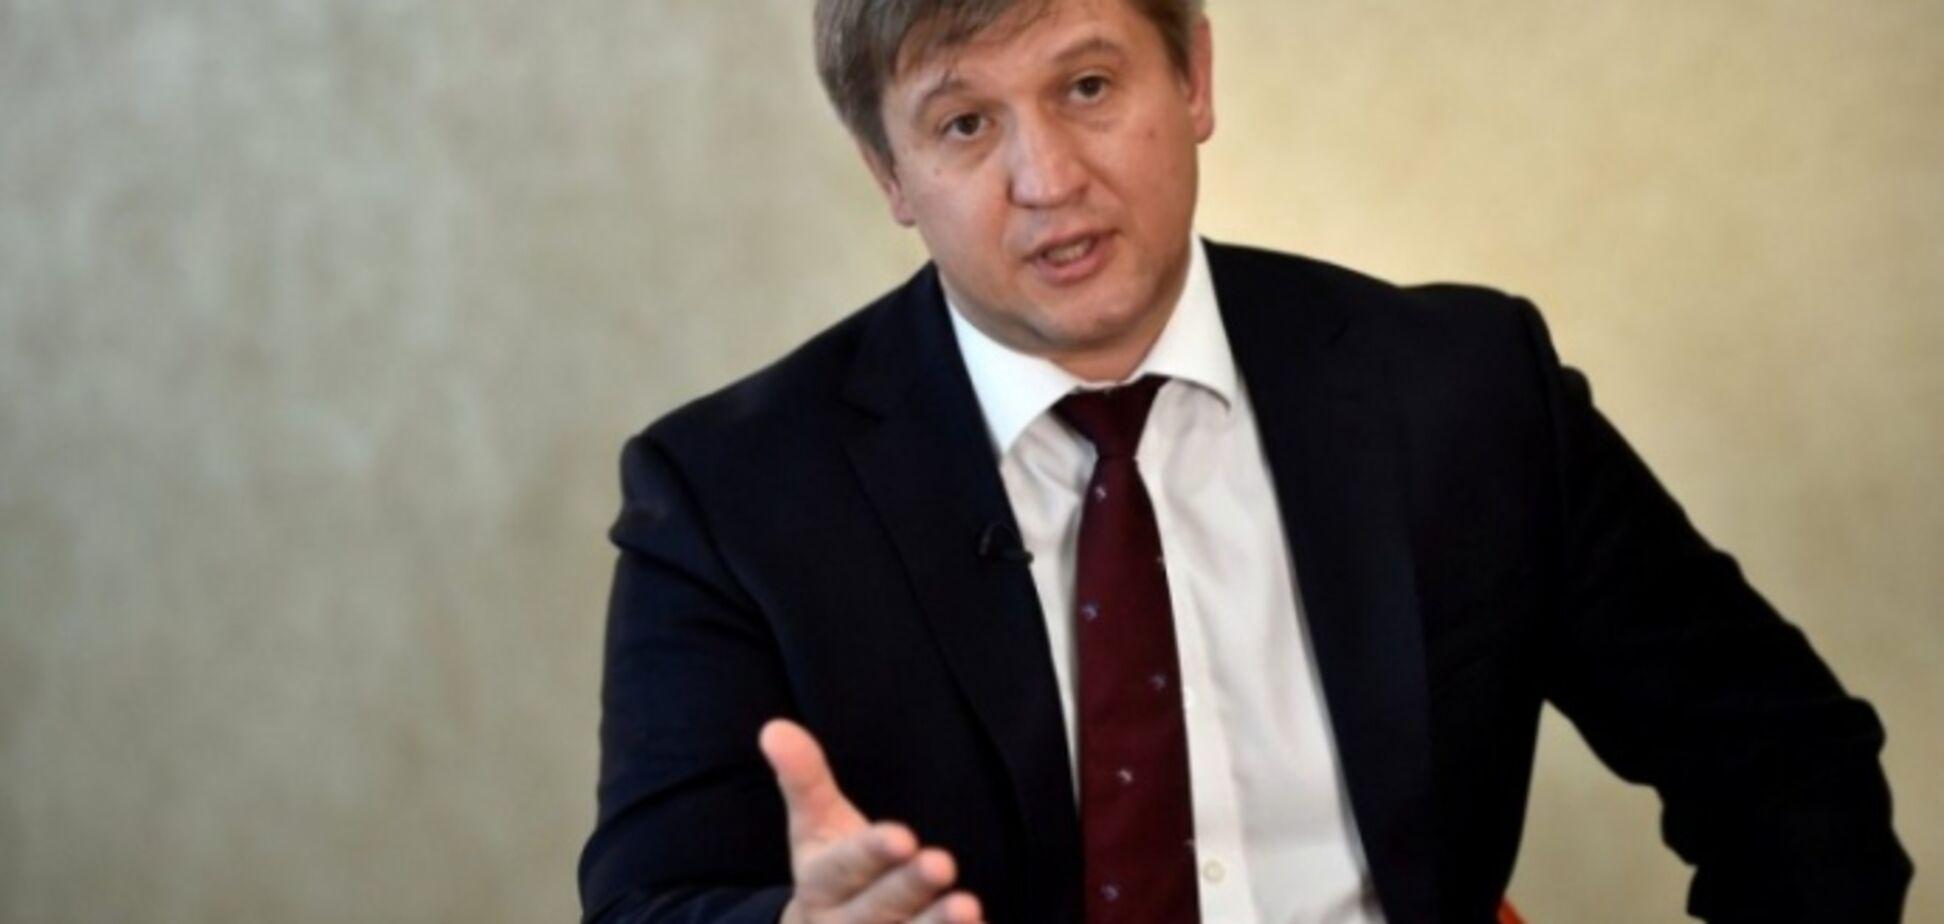 Данилюка - на вихід: чим він завинив перед українцями